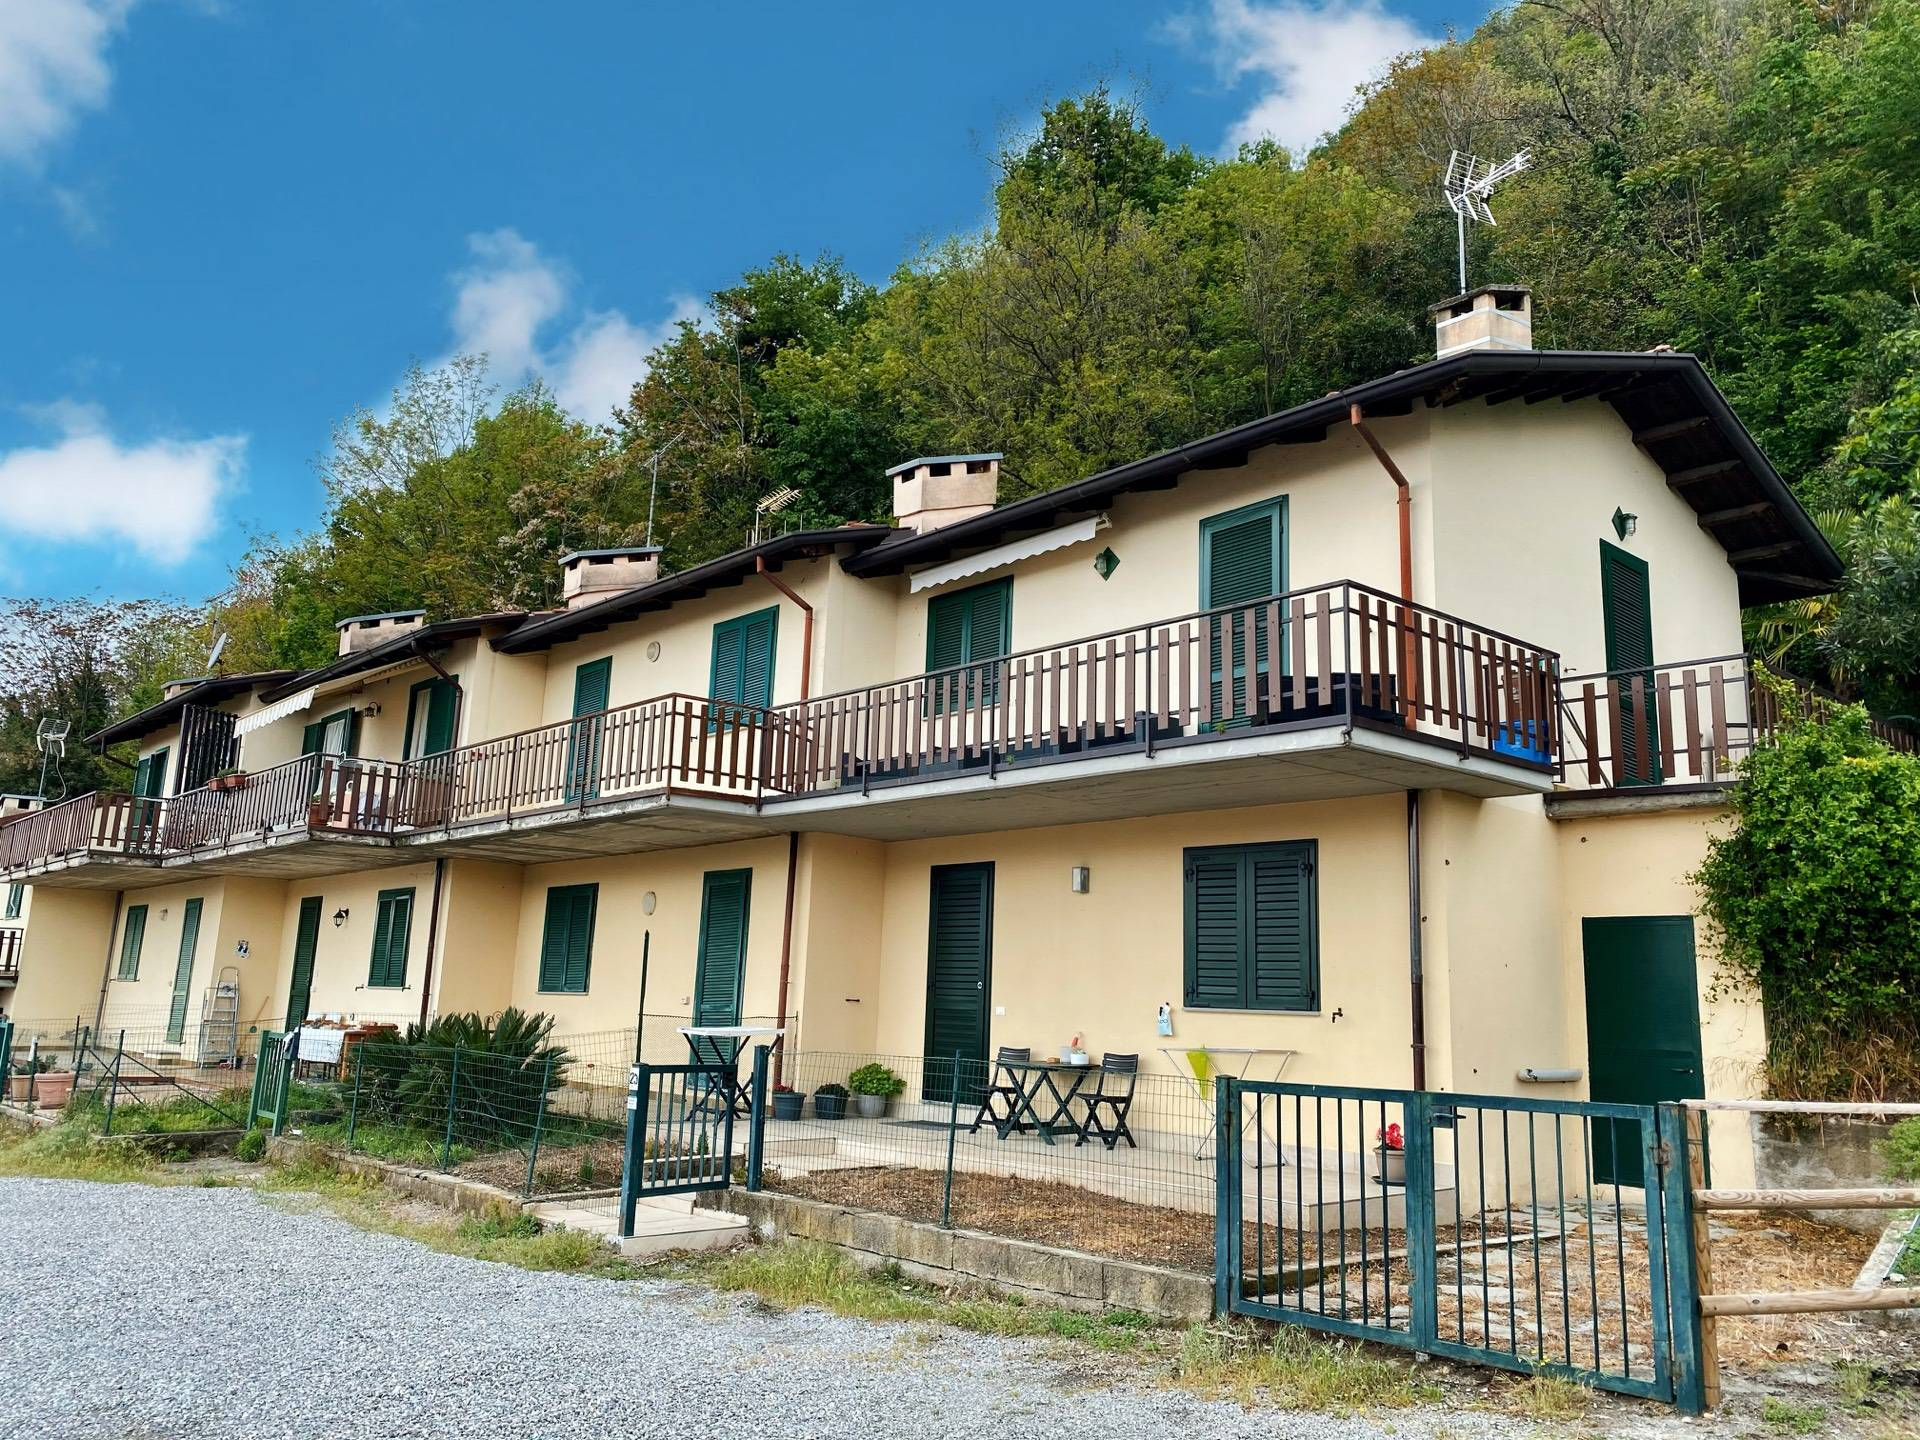 Appartamento in vendita a Sarnico, 2 locali, prezzo € 89.900 | PortaleAgenzieImmobiliari.it